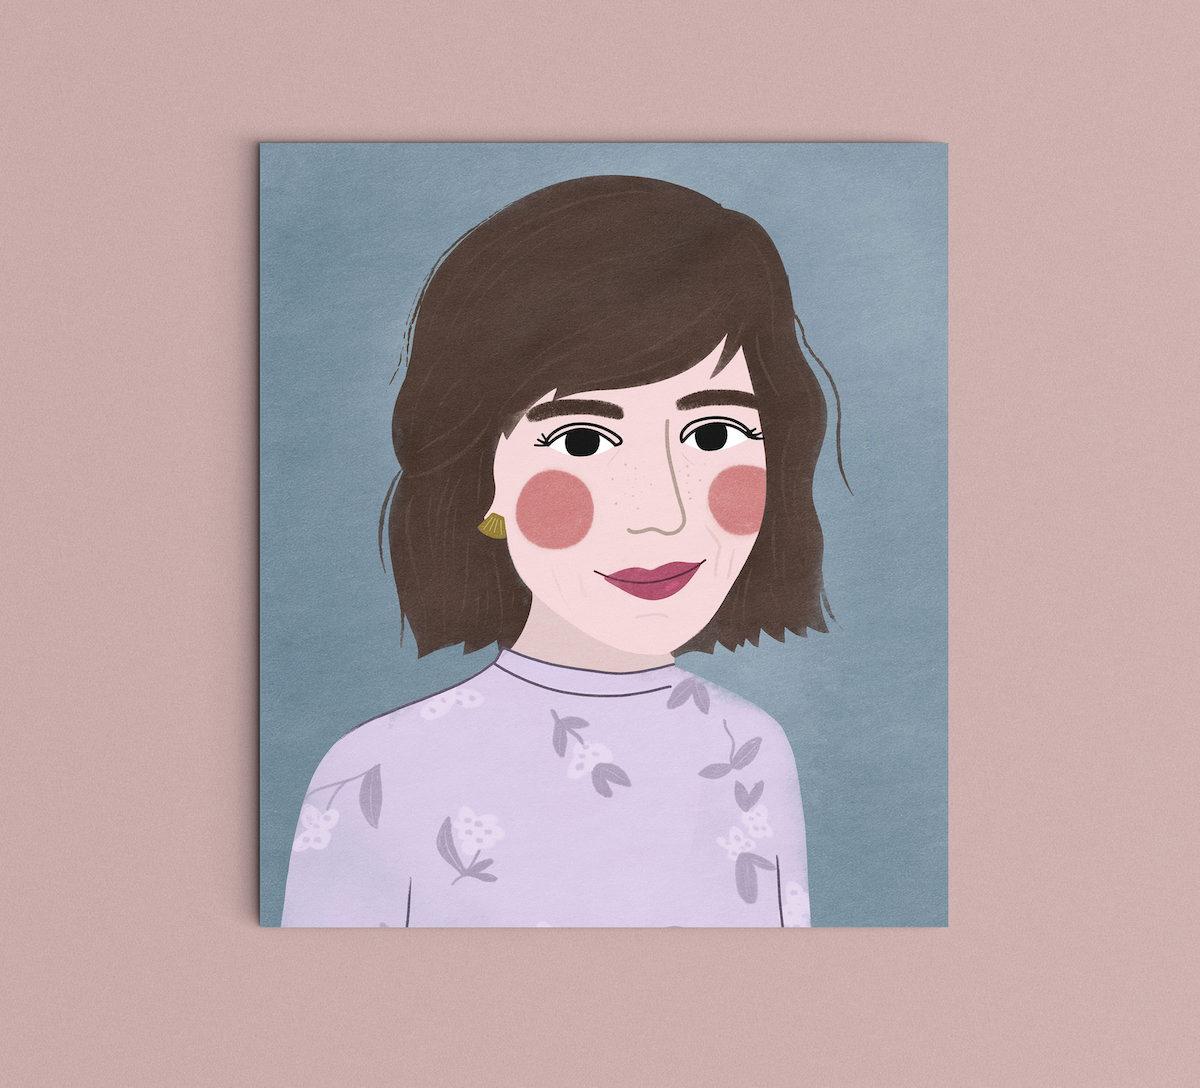 Michelle_Carlslund_portrait3